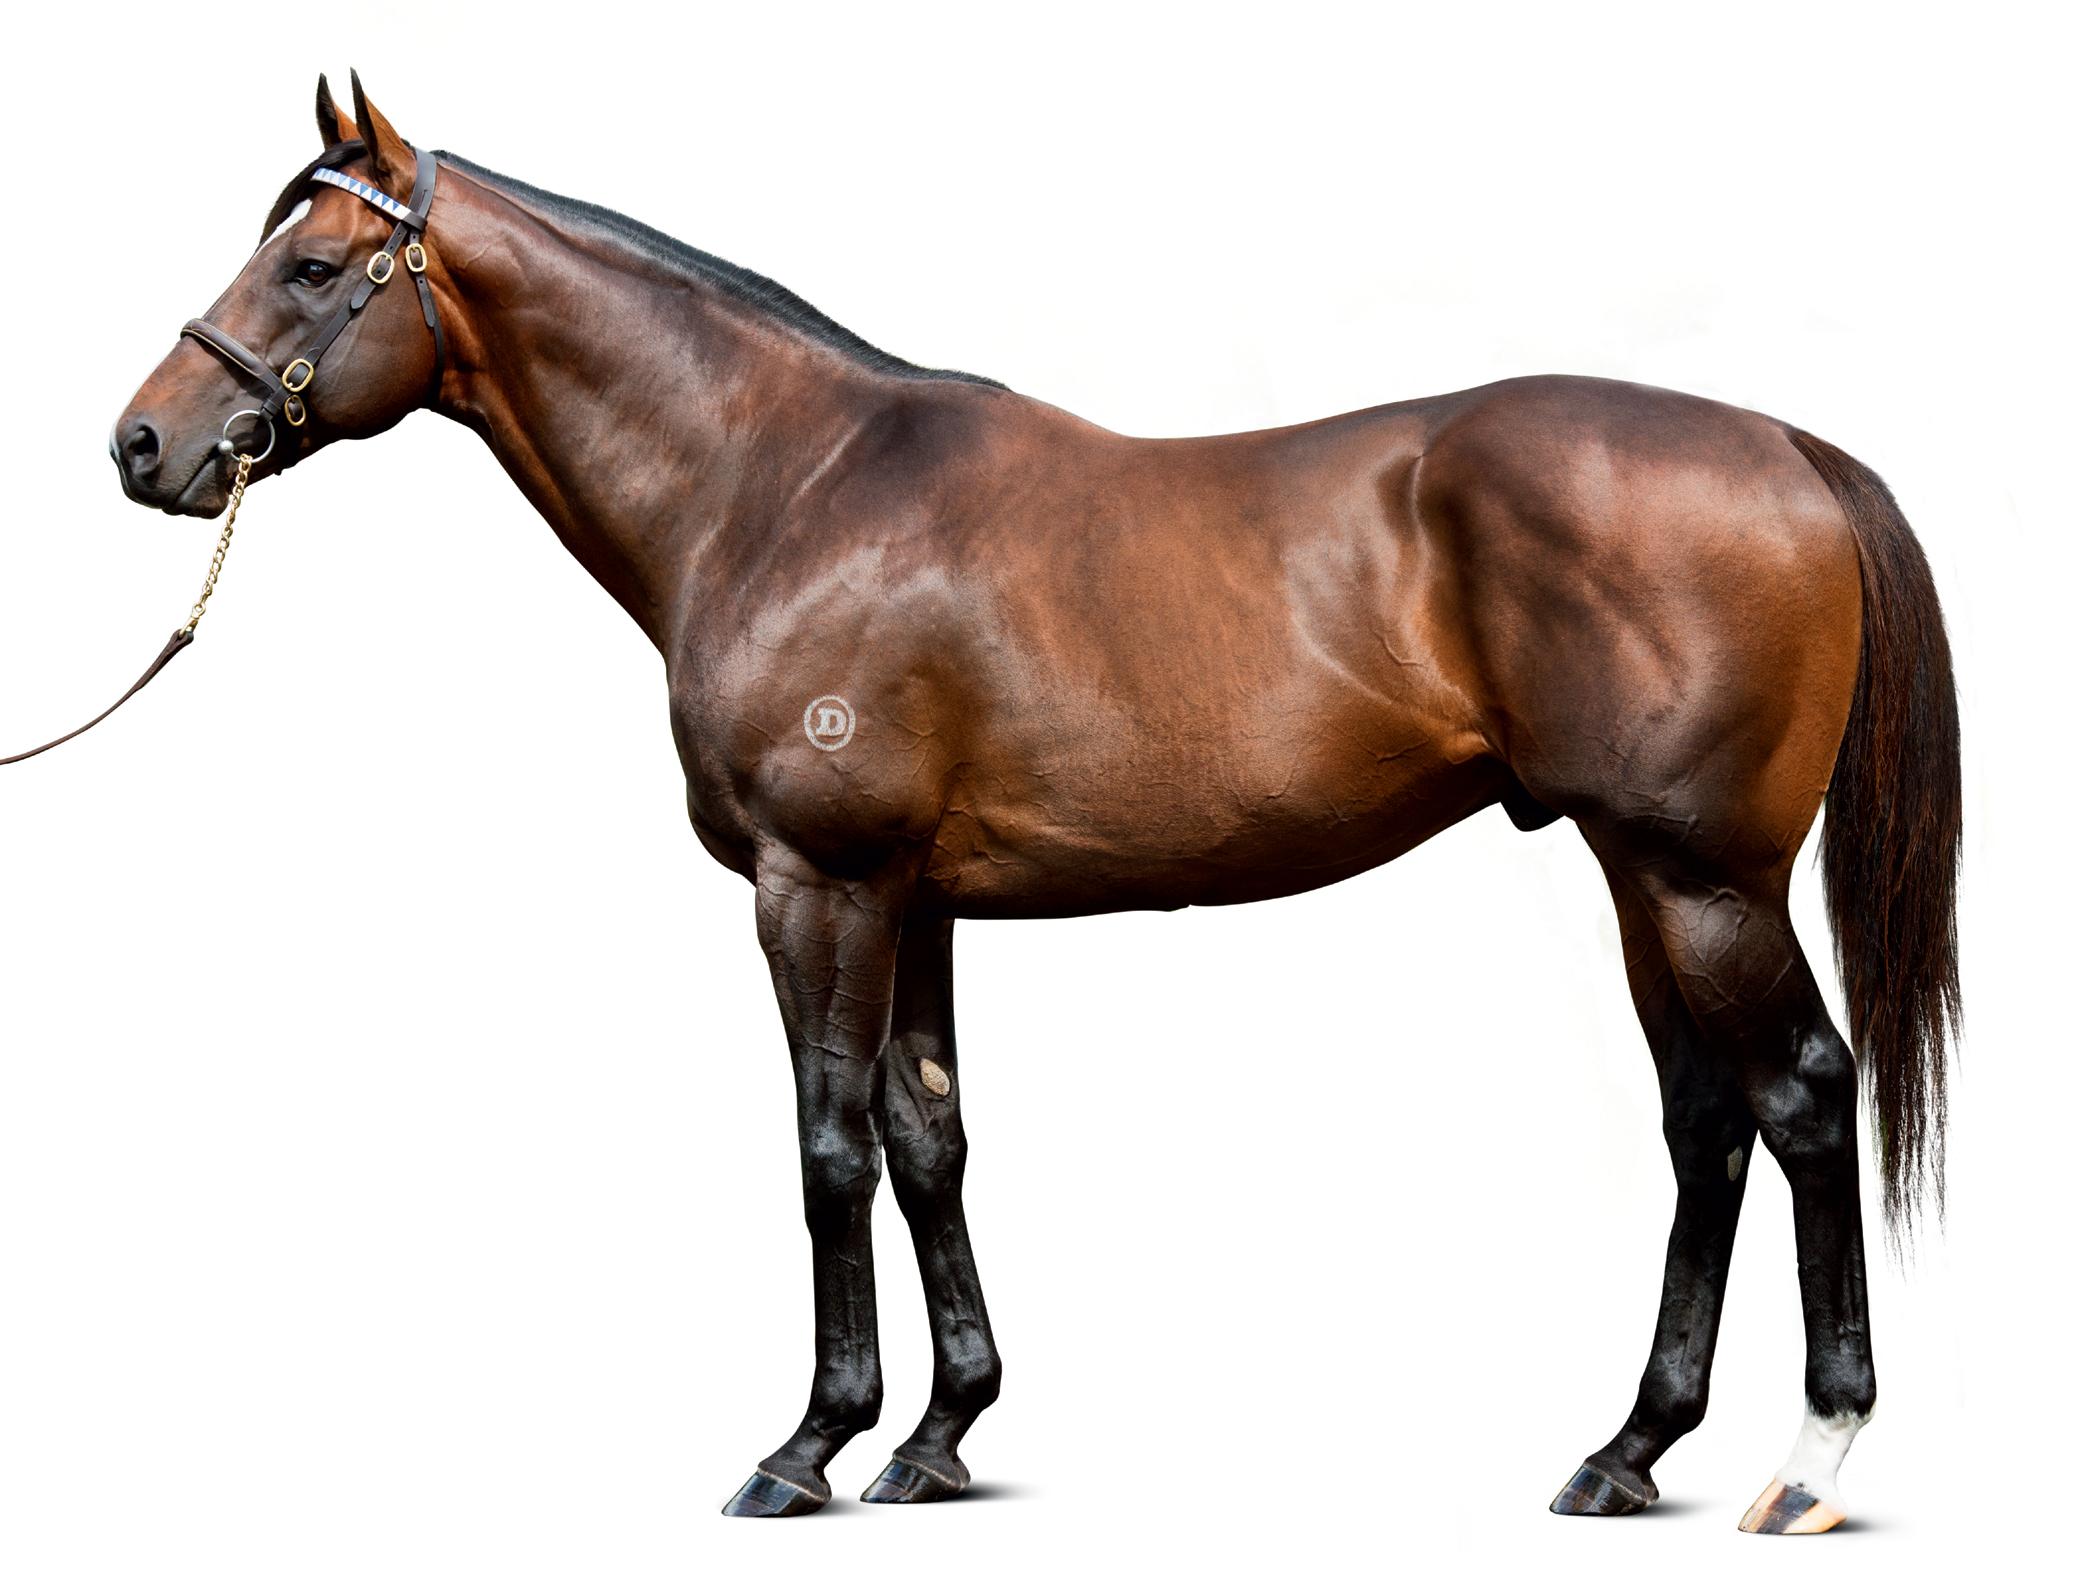 https://www.stallions.com.au/wp-content/uploads/2019/09/conf_astern_0879-rte_thoroughbred_stallion.jpg